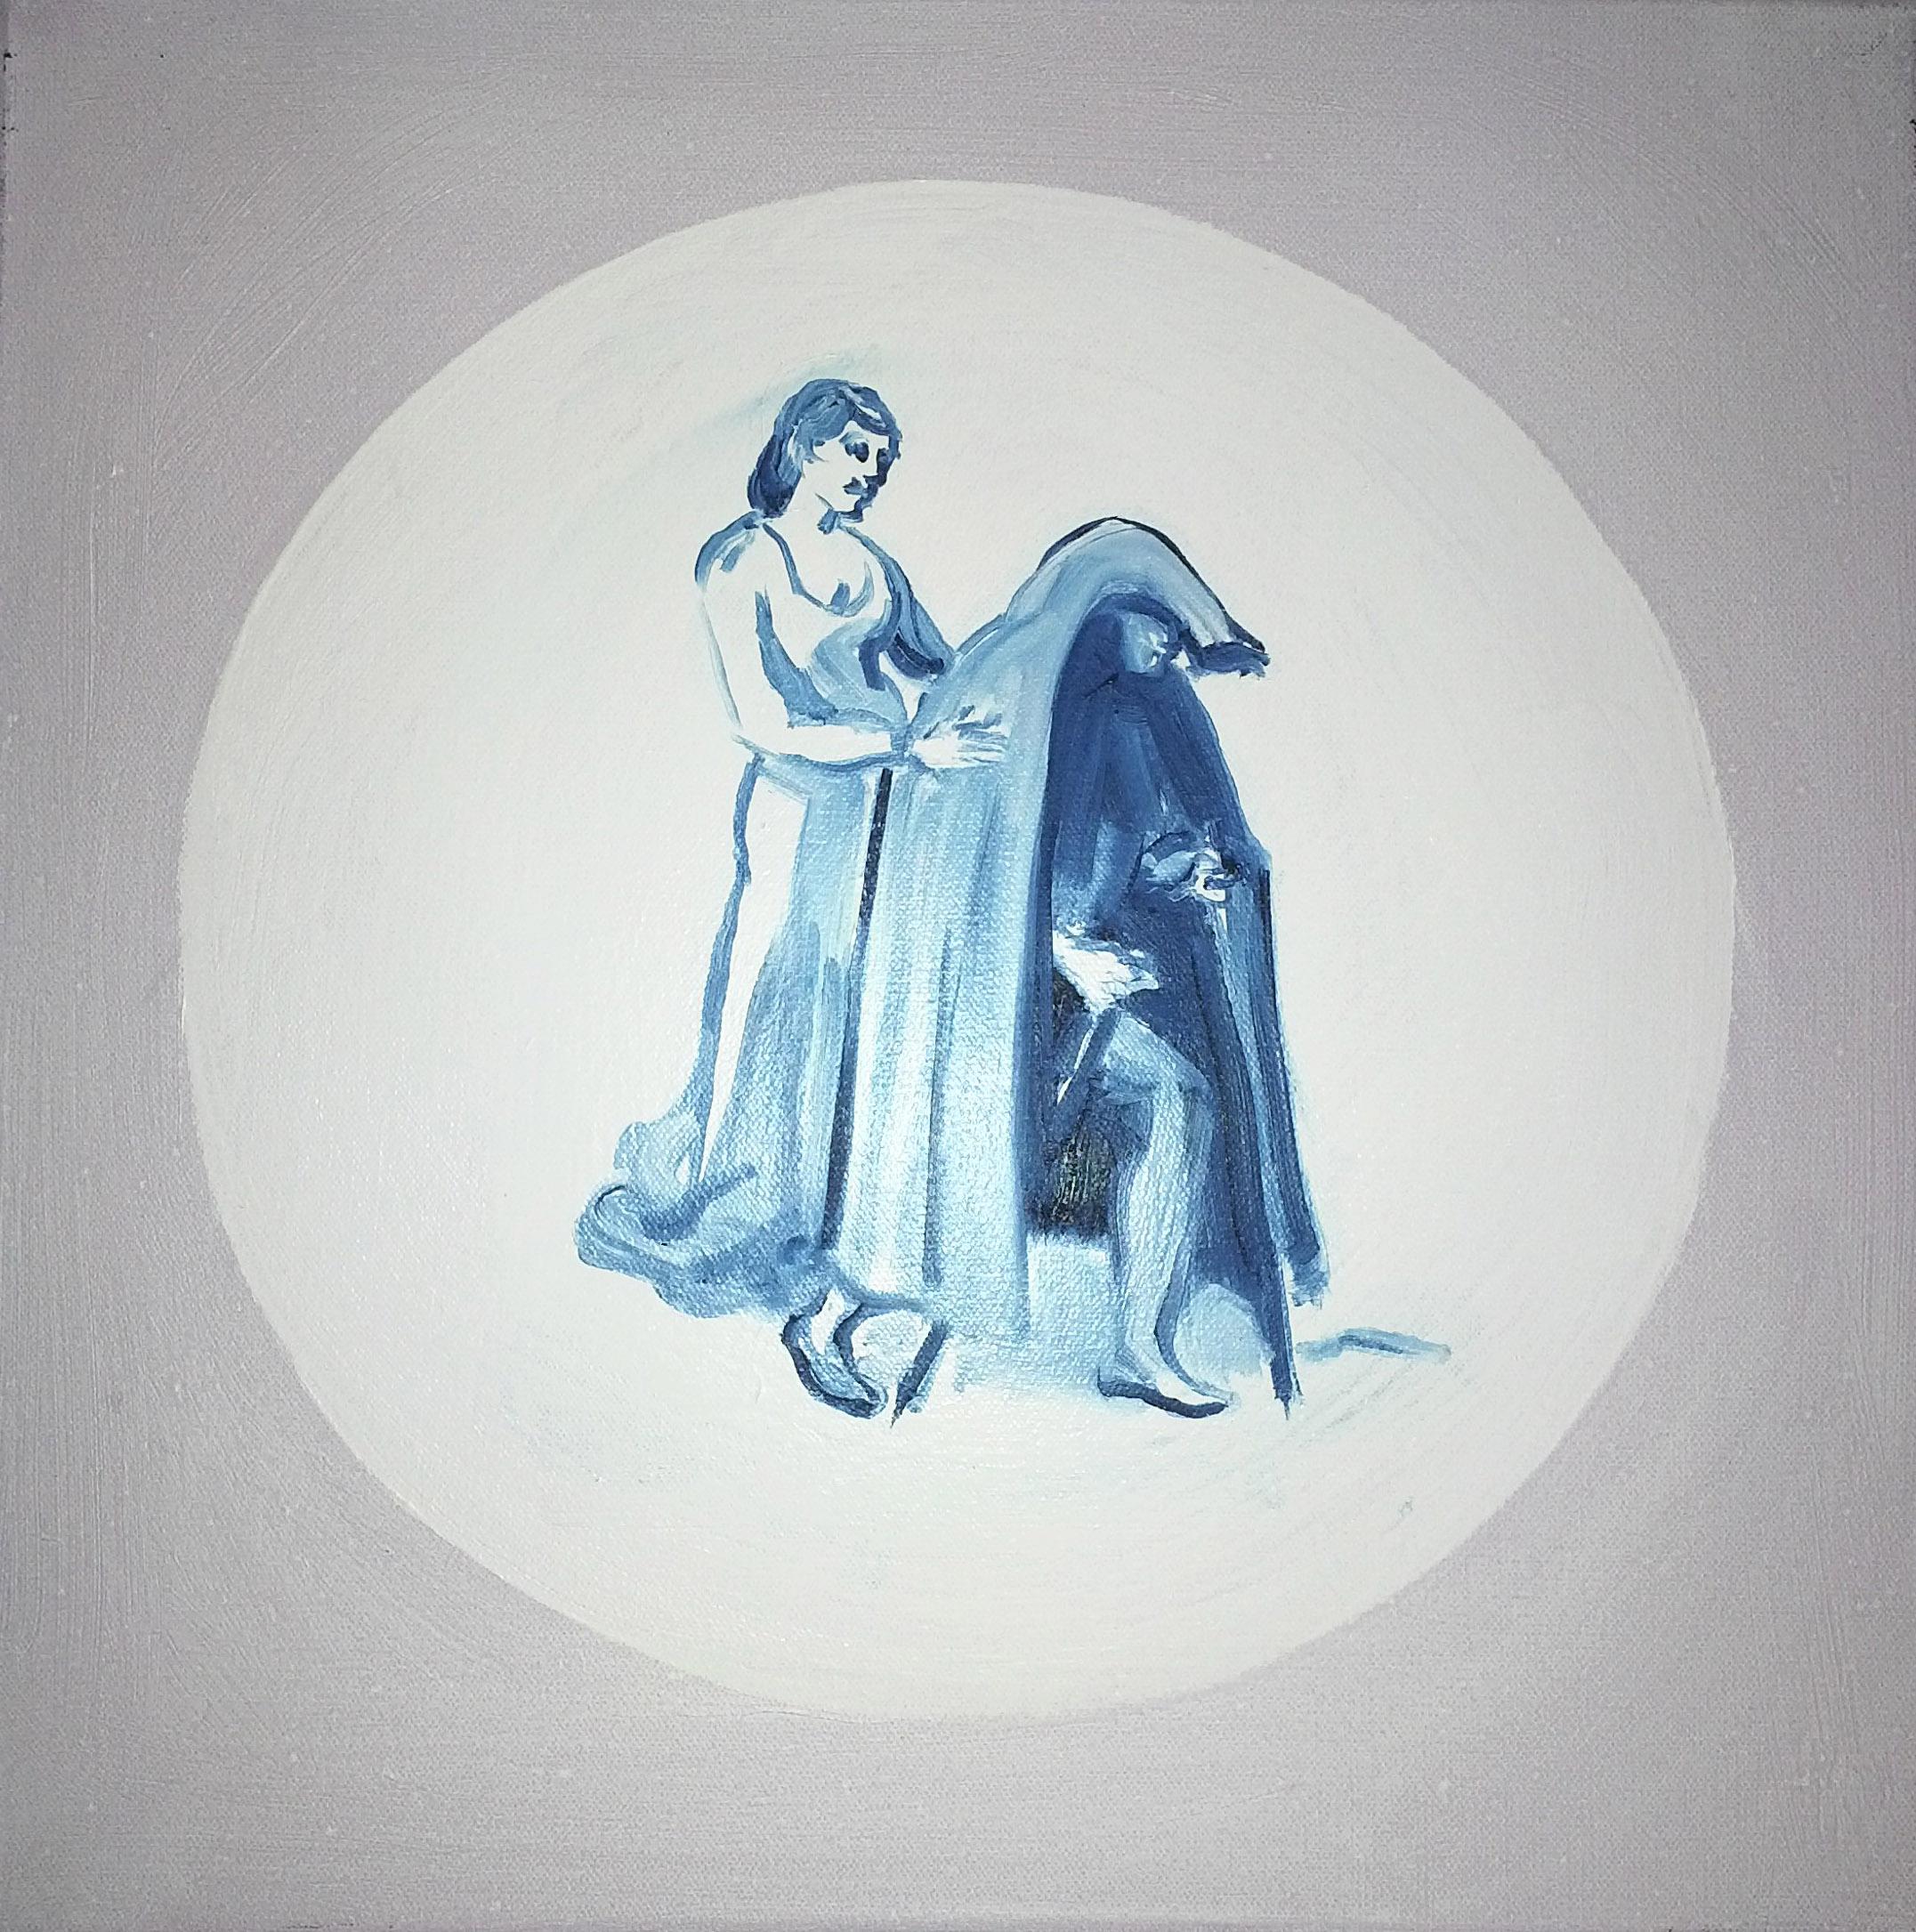 She puts the blue cloak on her husband